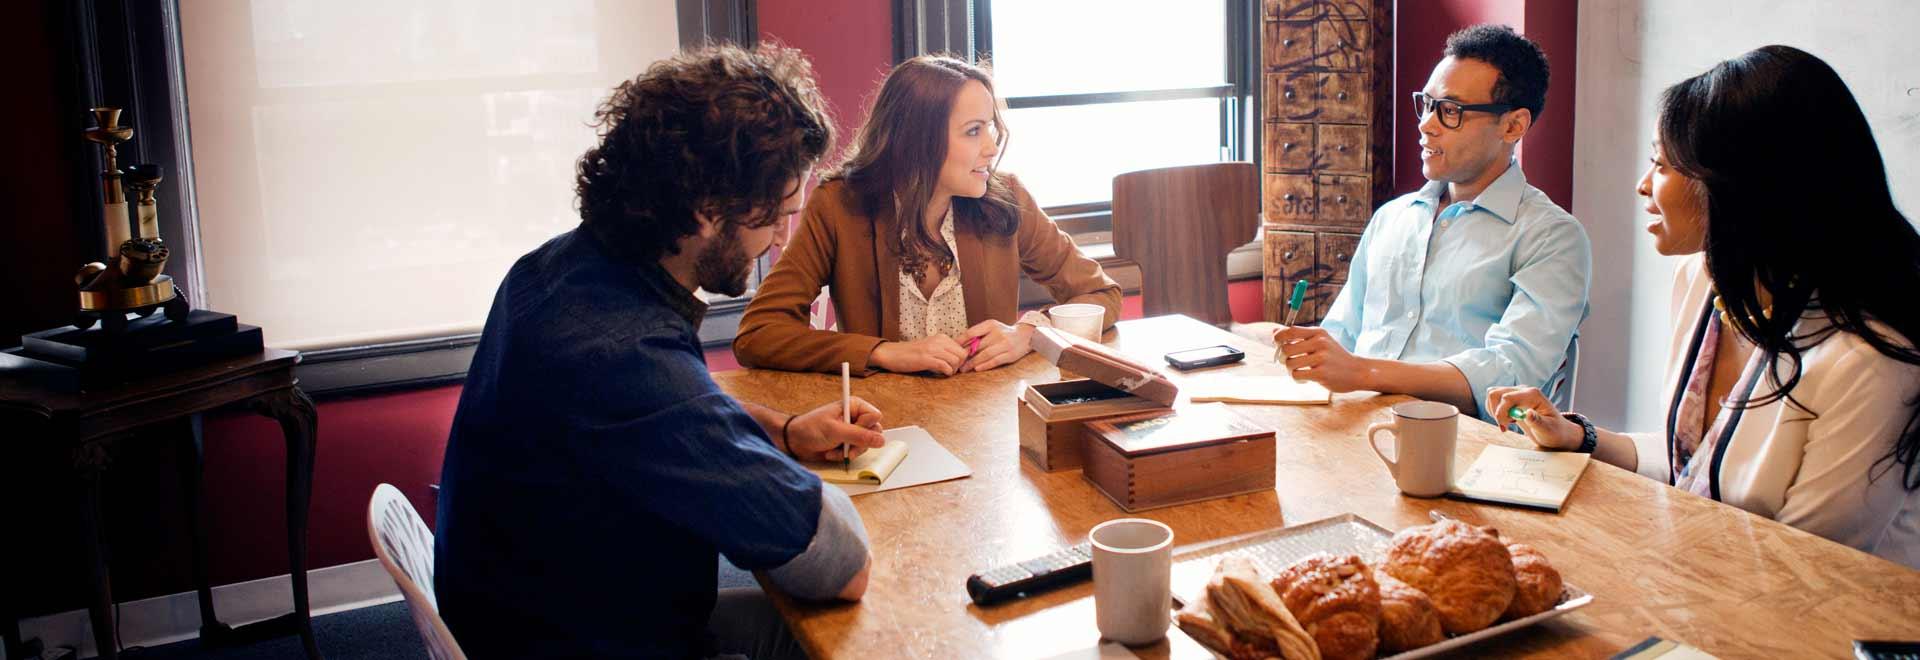 Ofiste çalışan ve Office 365 Kurumsal E3 kullanan dört kişi.